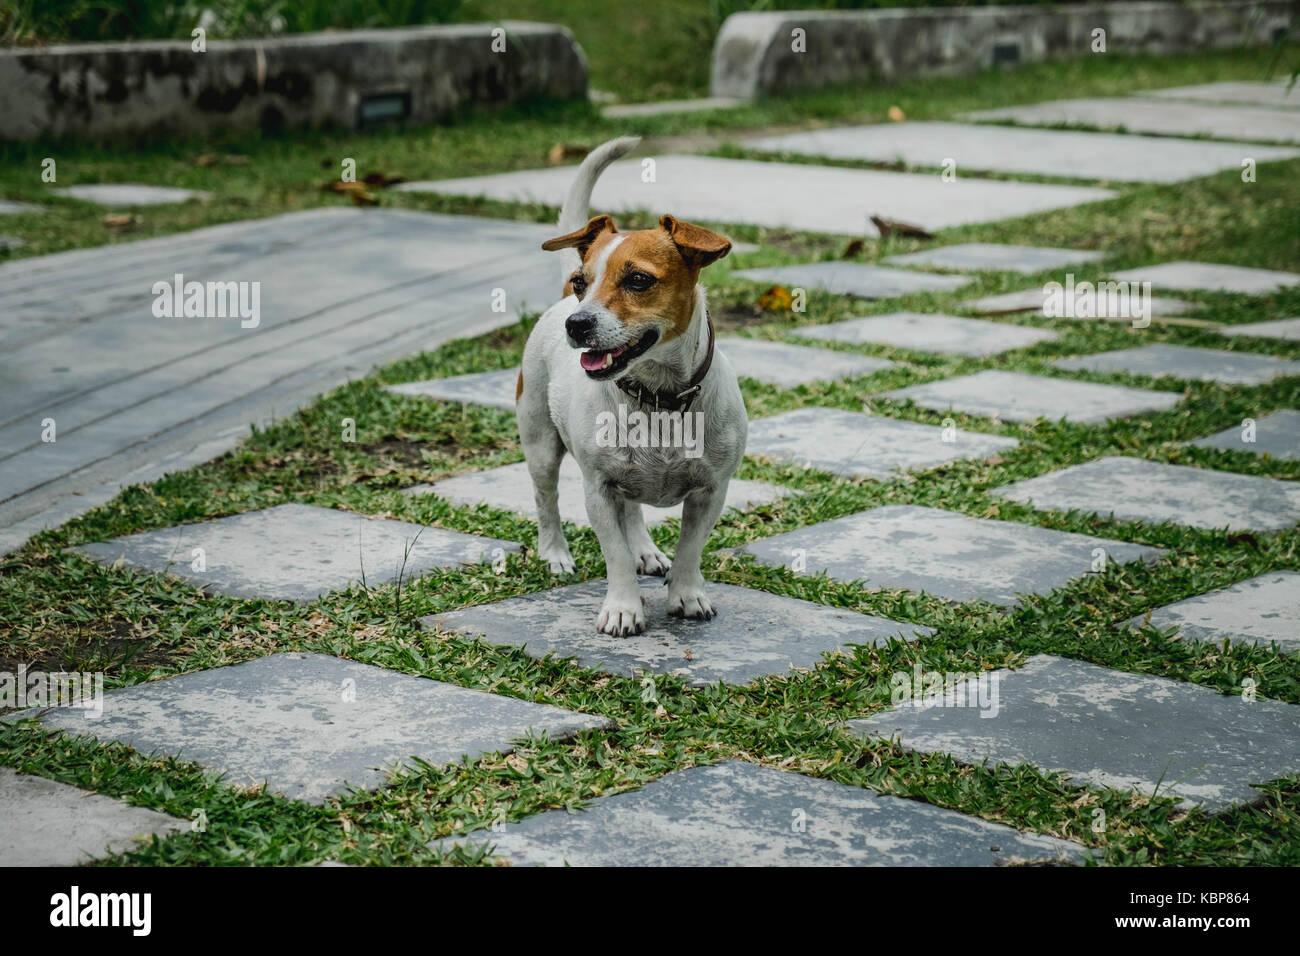 Jack rusell cane in un giardino con piastrelle di pietra ed erba